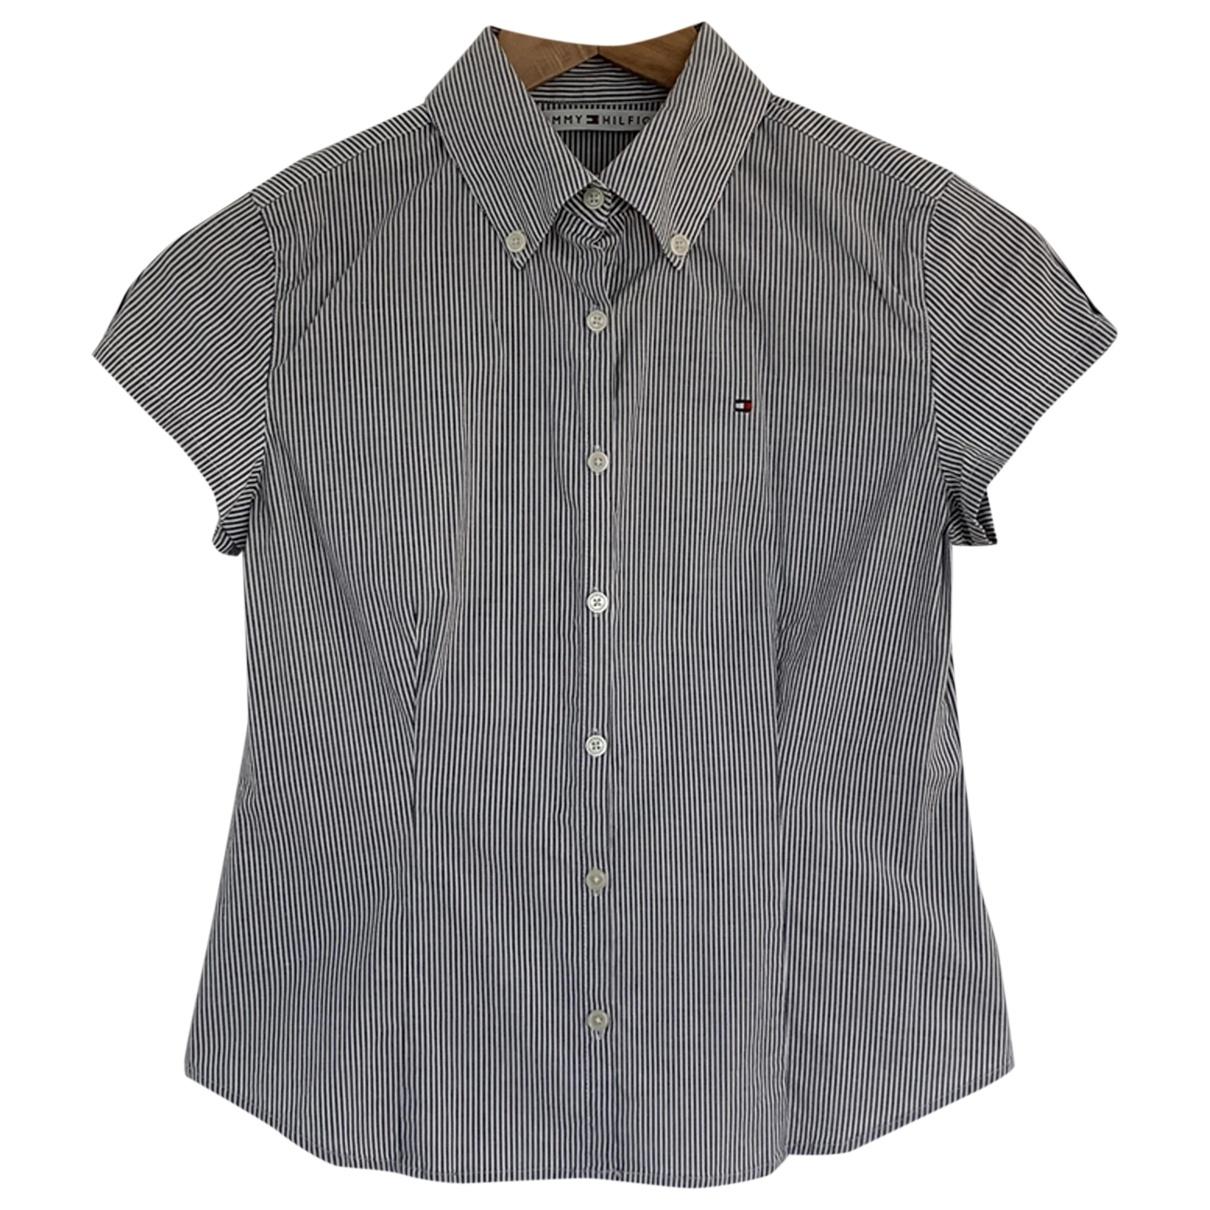 Tommy Hilfiger - Top   pour femme en coton - gris